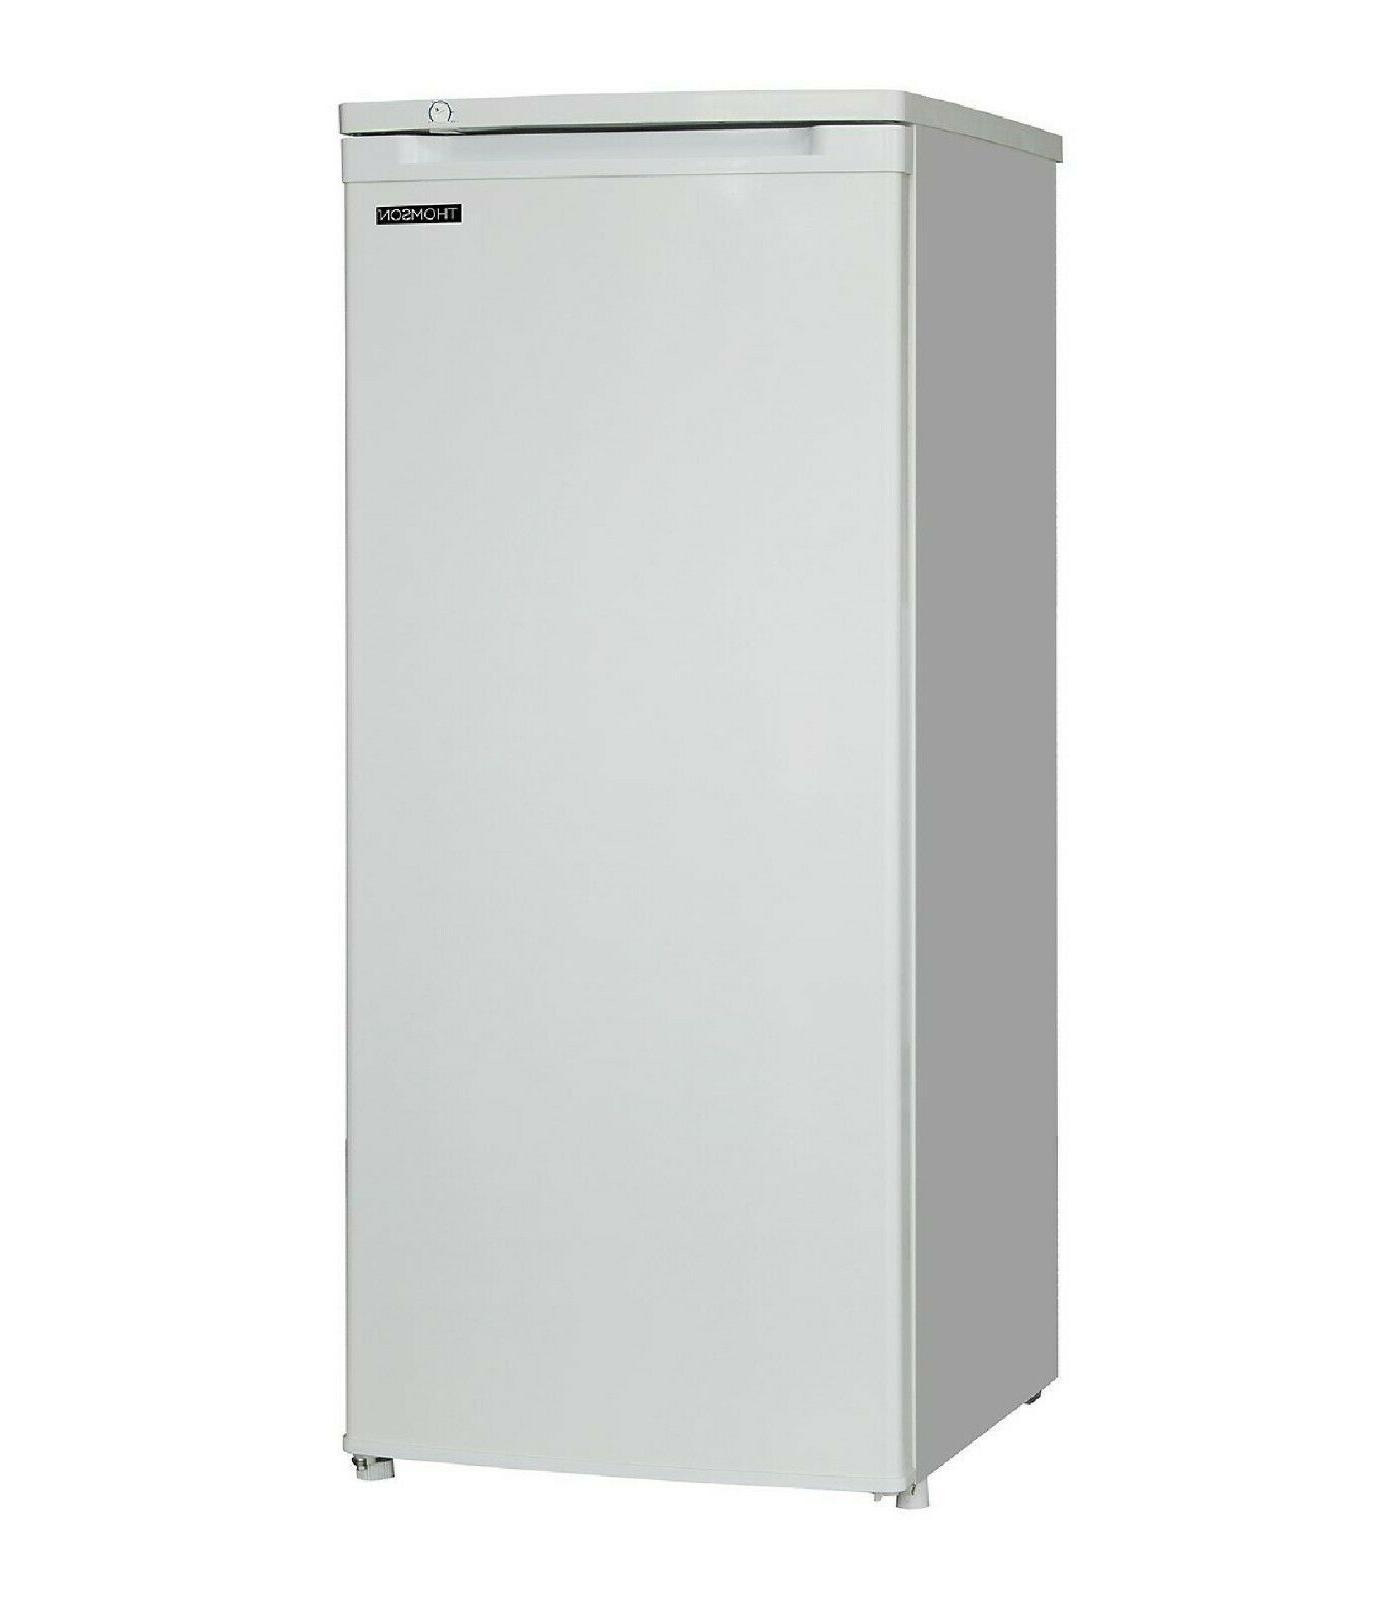 upright freezer 6 5 cu ft 55